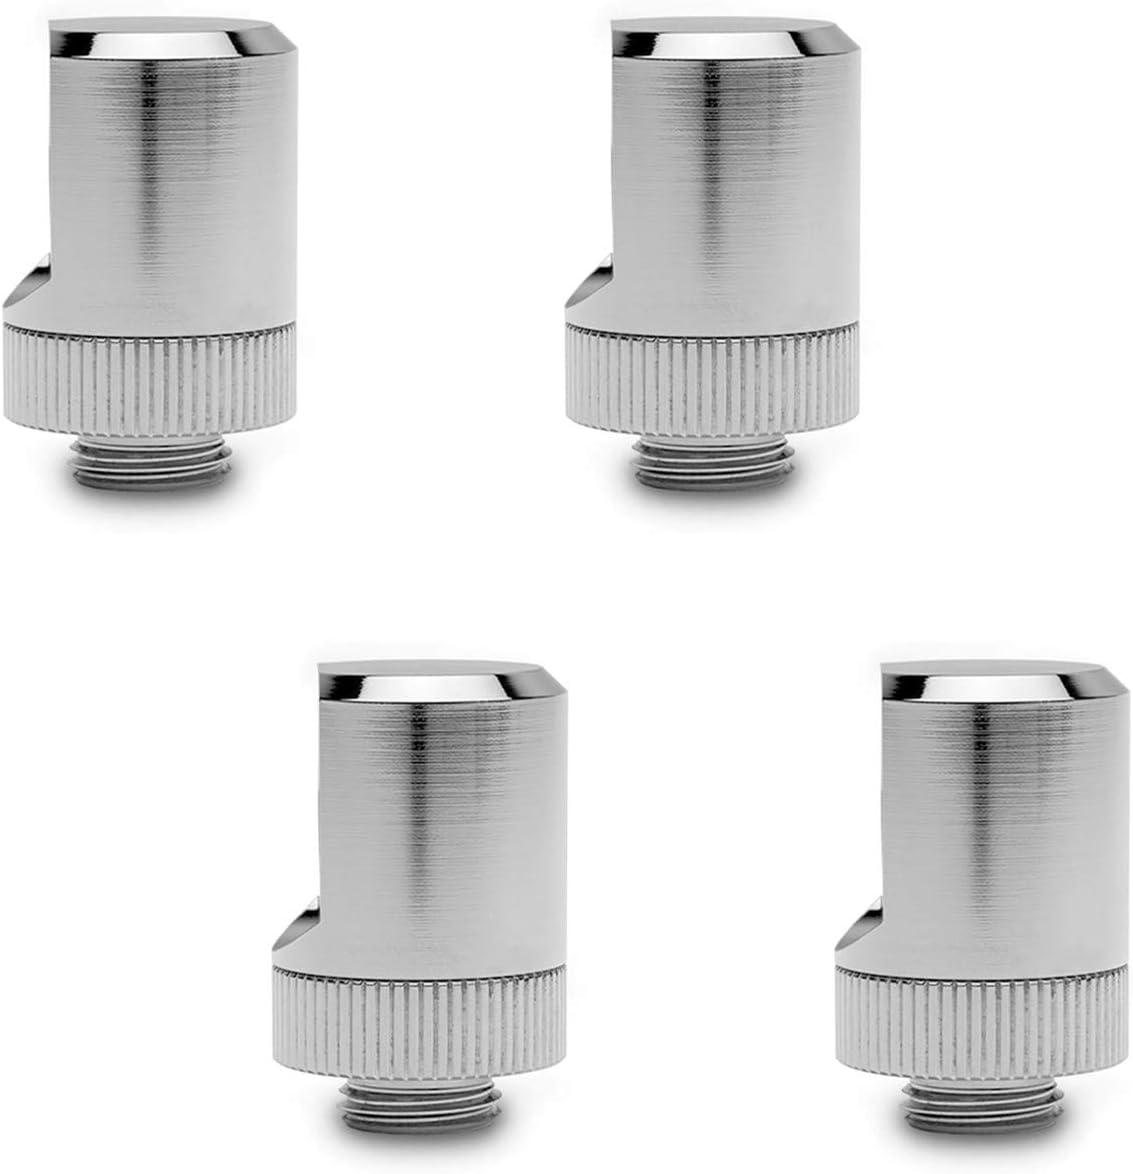 EKWB EK-Torque 90° Angled Fitting, Nickel, 4-Pack